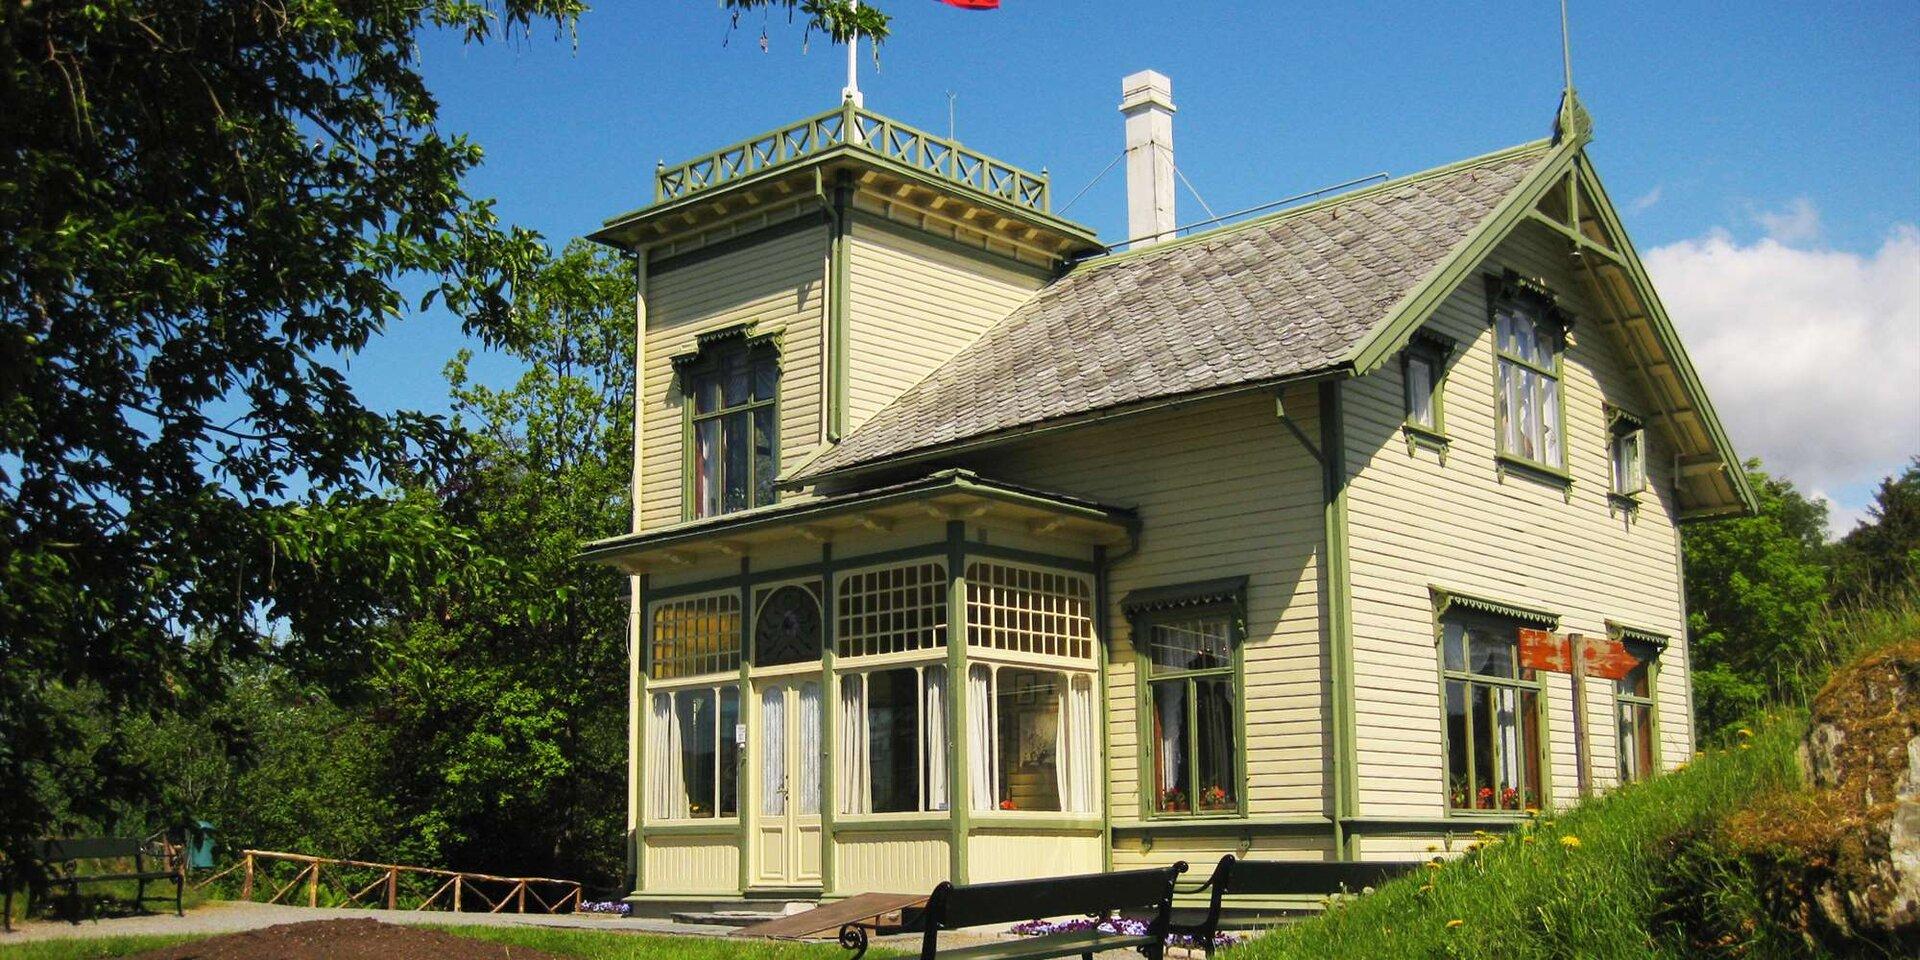 Ilustracja przedstawia dom Edvarda Griega. Widoczna jest drewniana chata wśród zieleni.